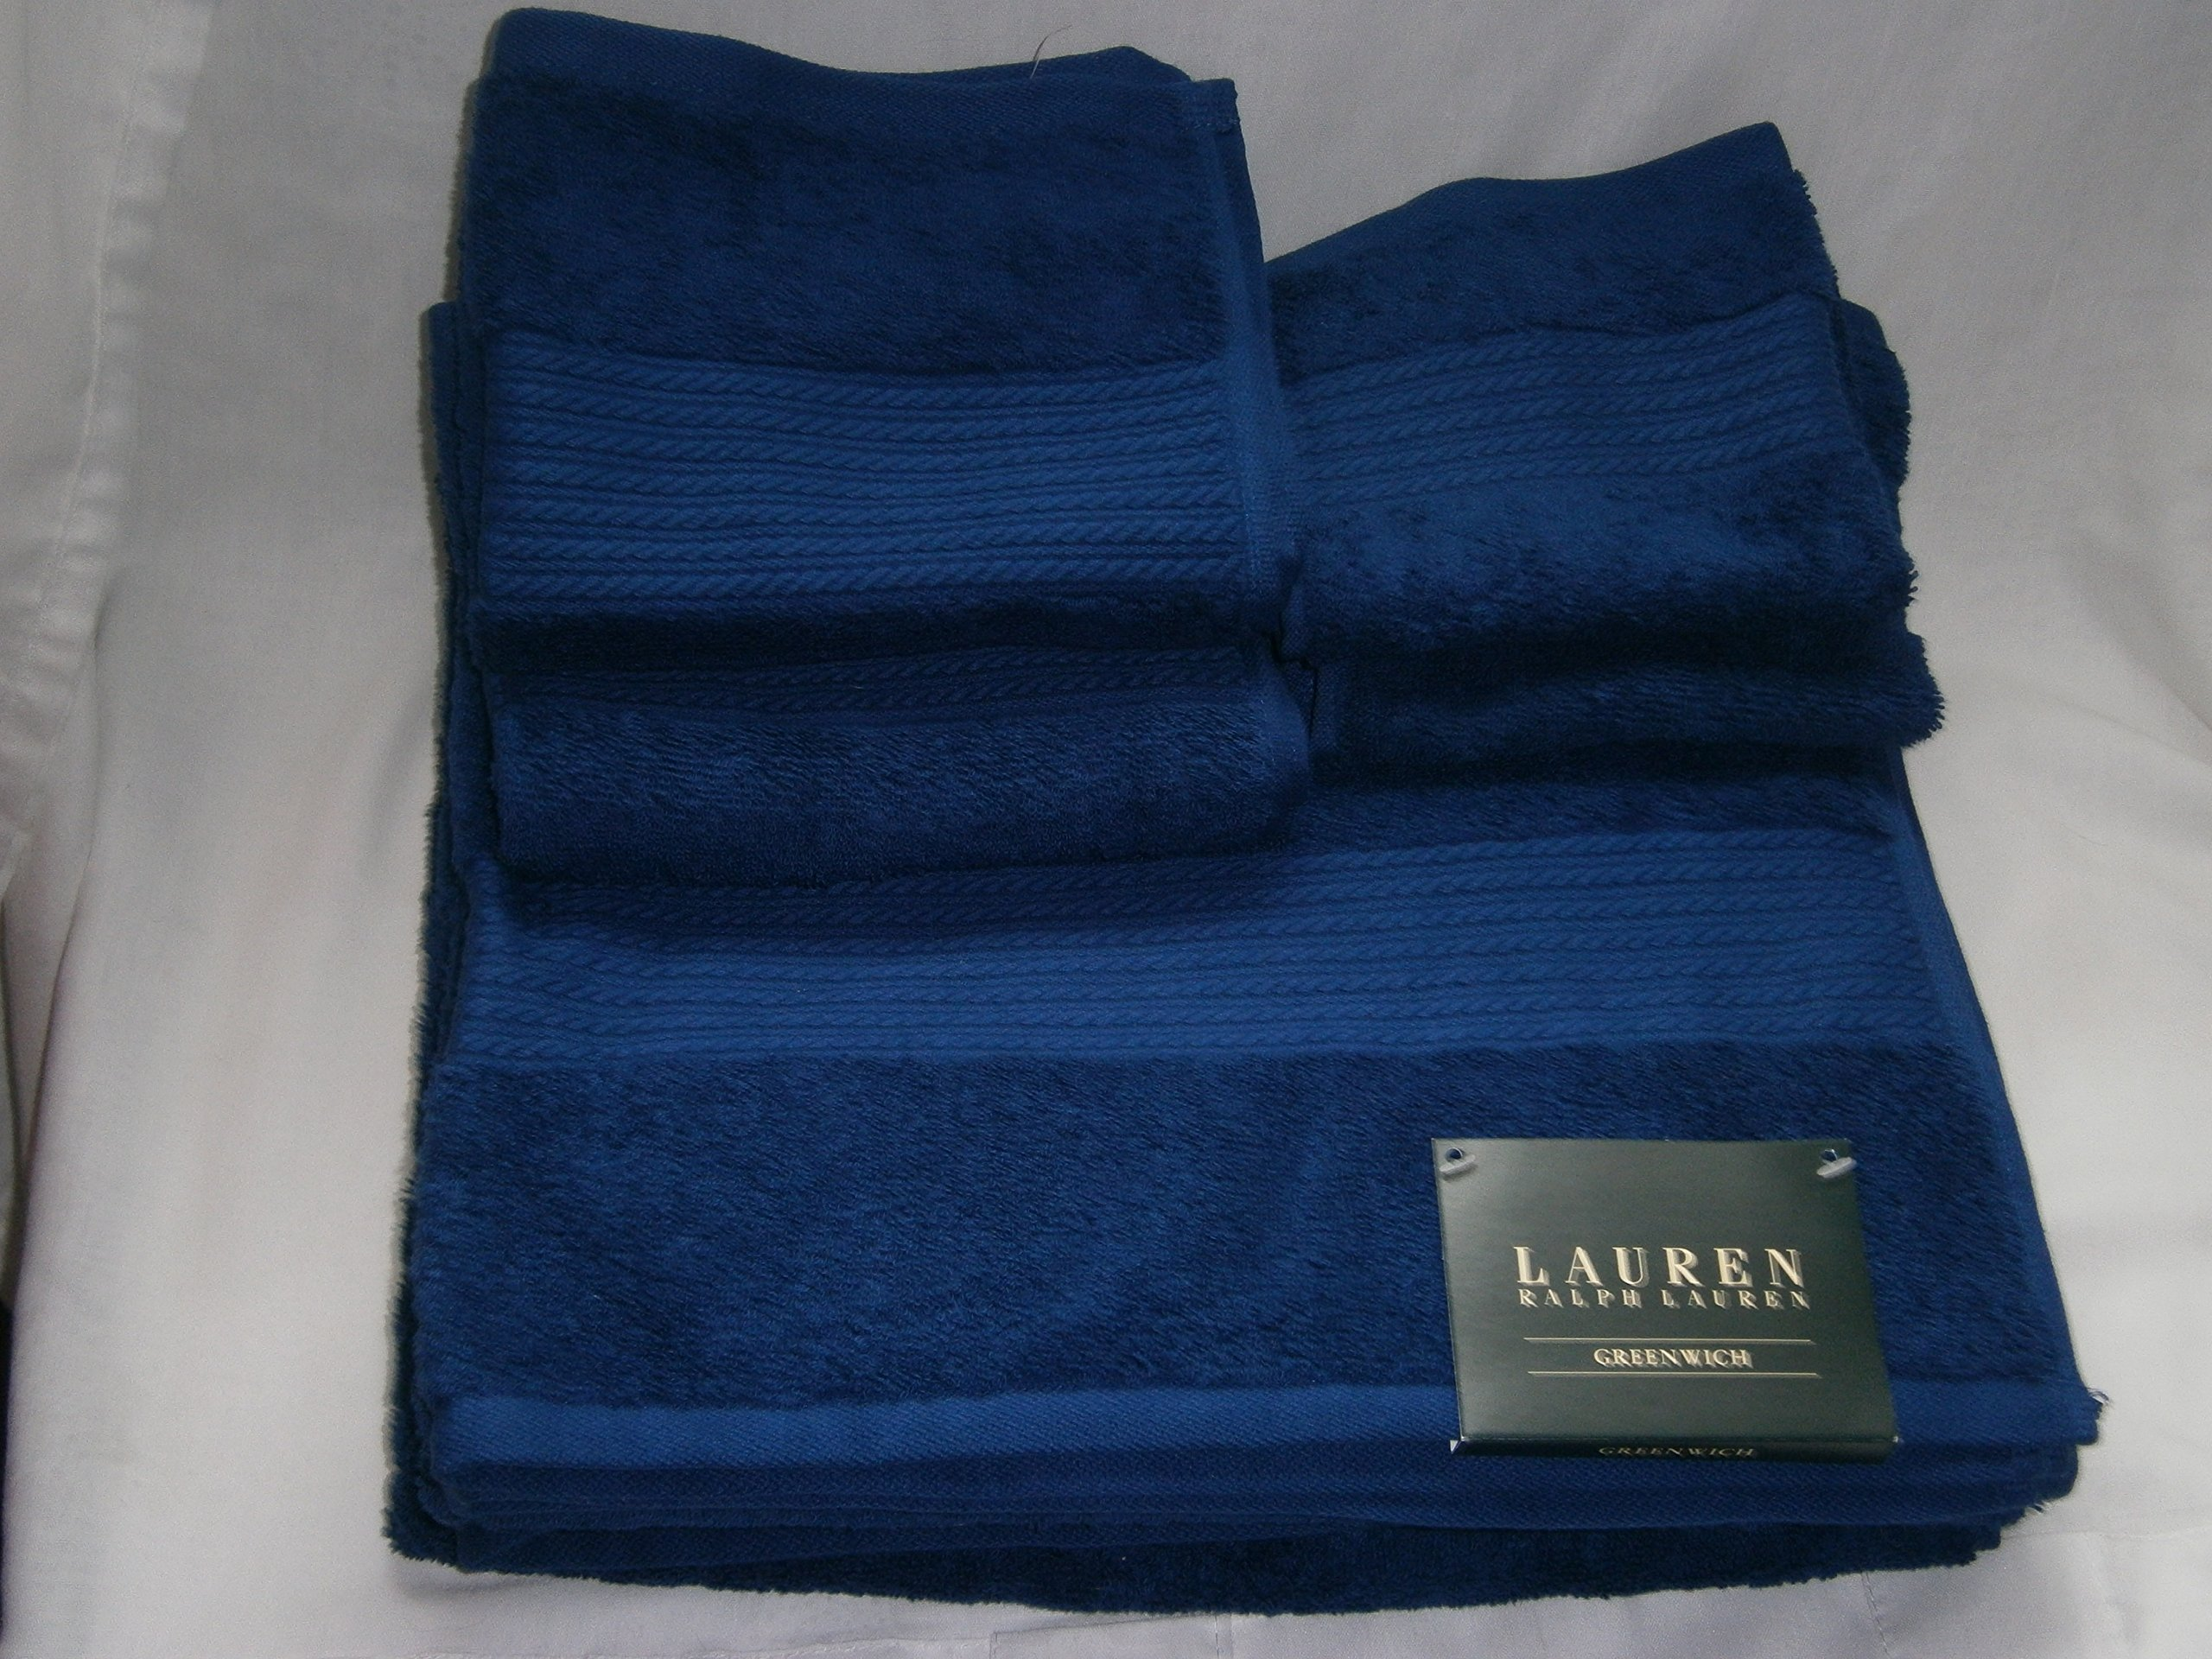 Ralph Lauren Greenwich Marine Blue 6 piece Towel Set (Navy) by Polo Ralph Lauren